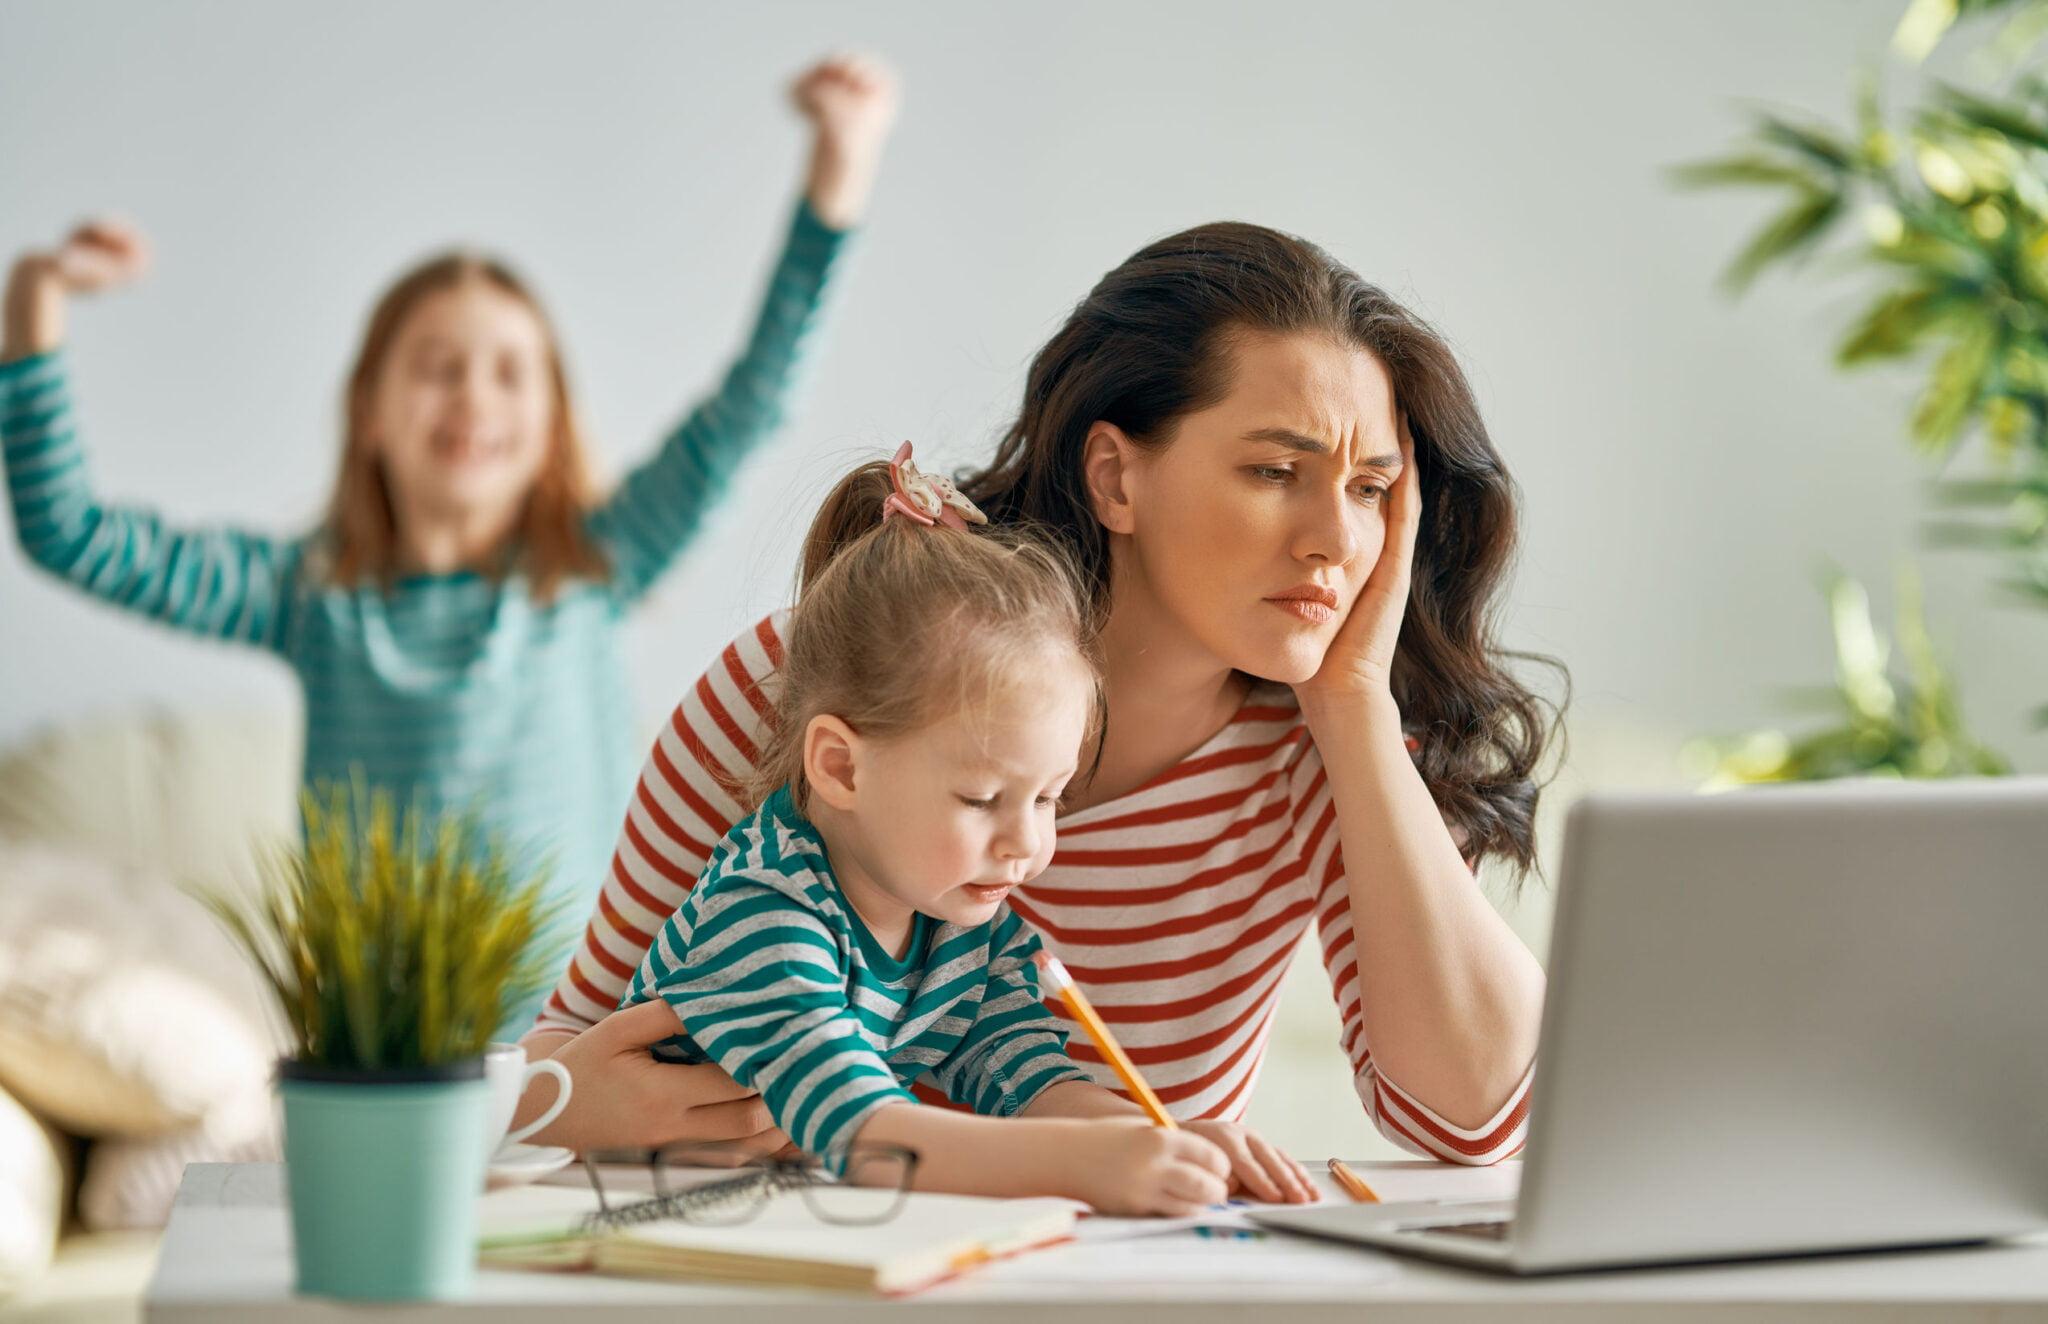 Zo tem je de inner criticus; tips wat te doen of hoe mee om te gaan - Mamaliefde.nl